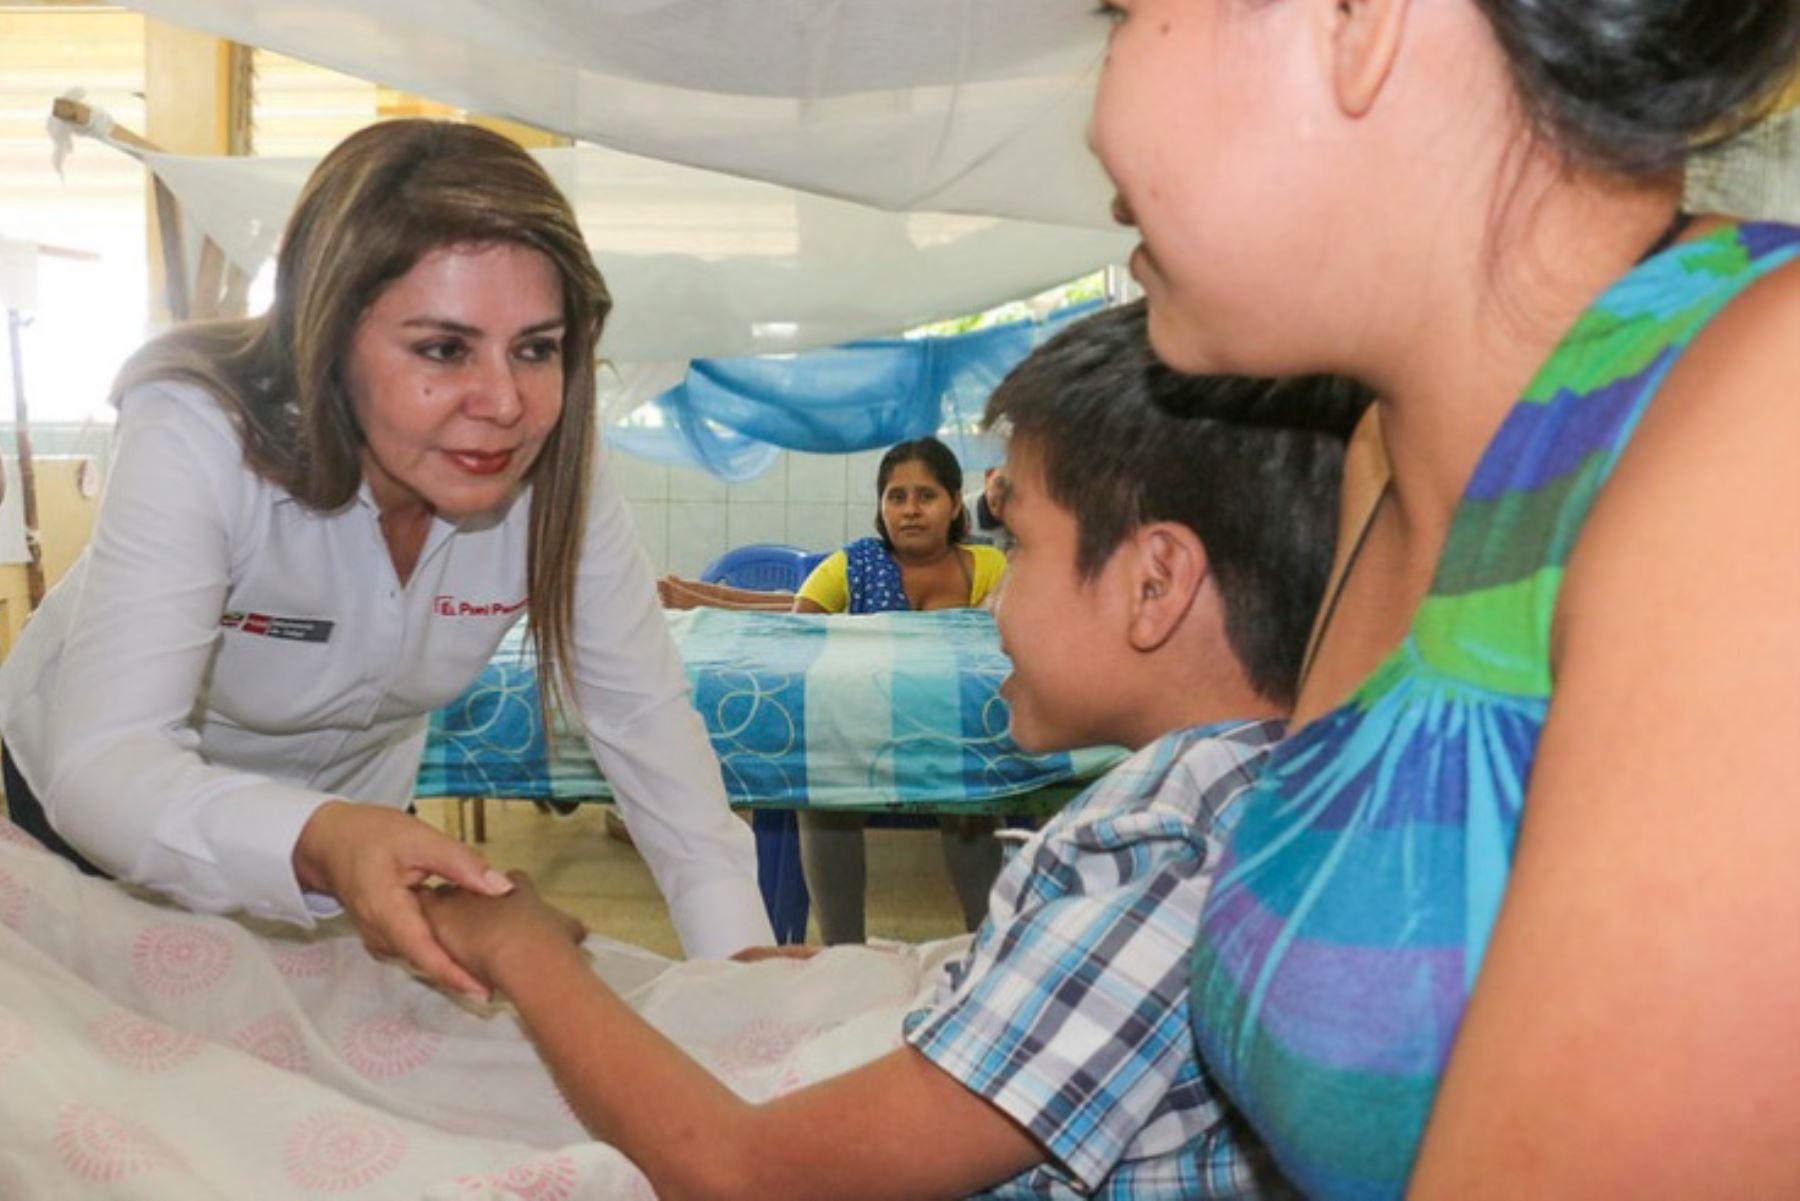 Frente a los casos de dengue que se reportan en algunas zonas del país, la ministra de Salud, Elizabeth Hinostroza, anunció esta tarde que se declarará en emergencia sanitaria a las regiones Loreto, Madre de Dios y San Martín, para combatir el brote de esta enfermedad